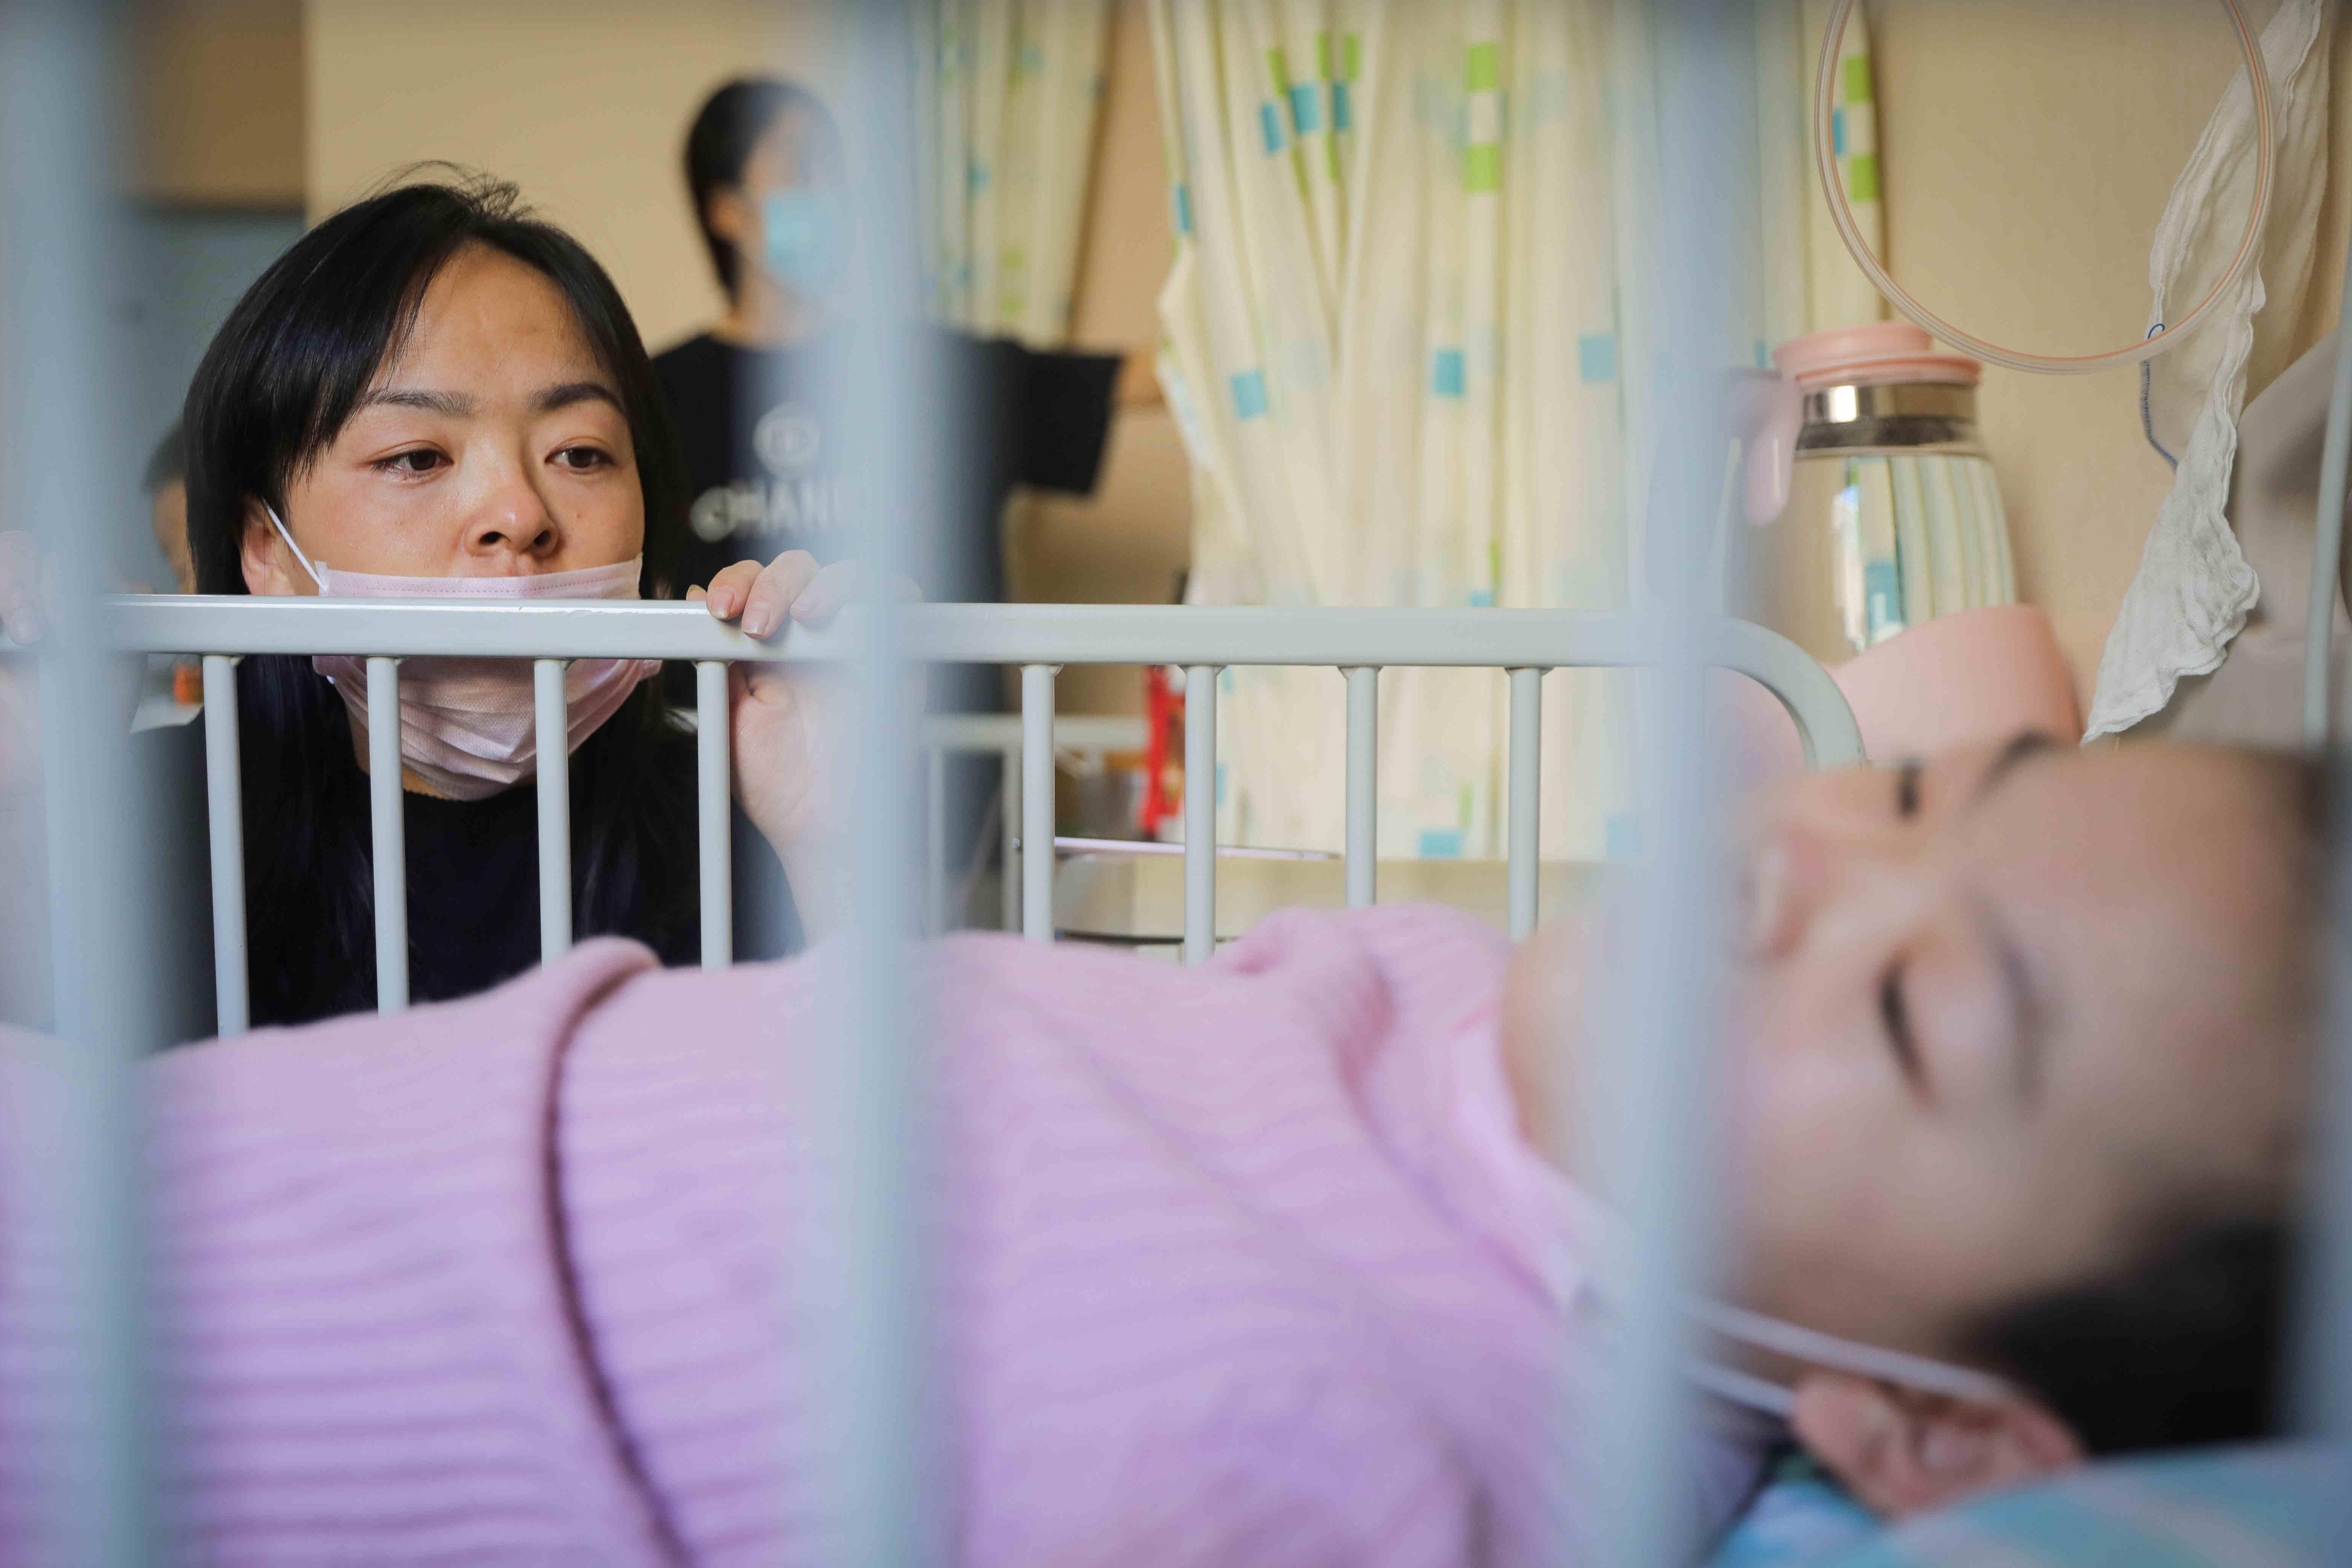 11岁血癌女孩哭诉:成了家里的累赘,恨爸妈生下我